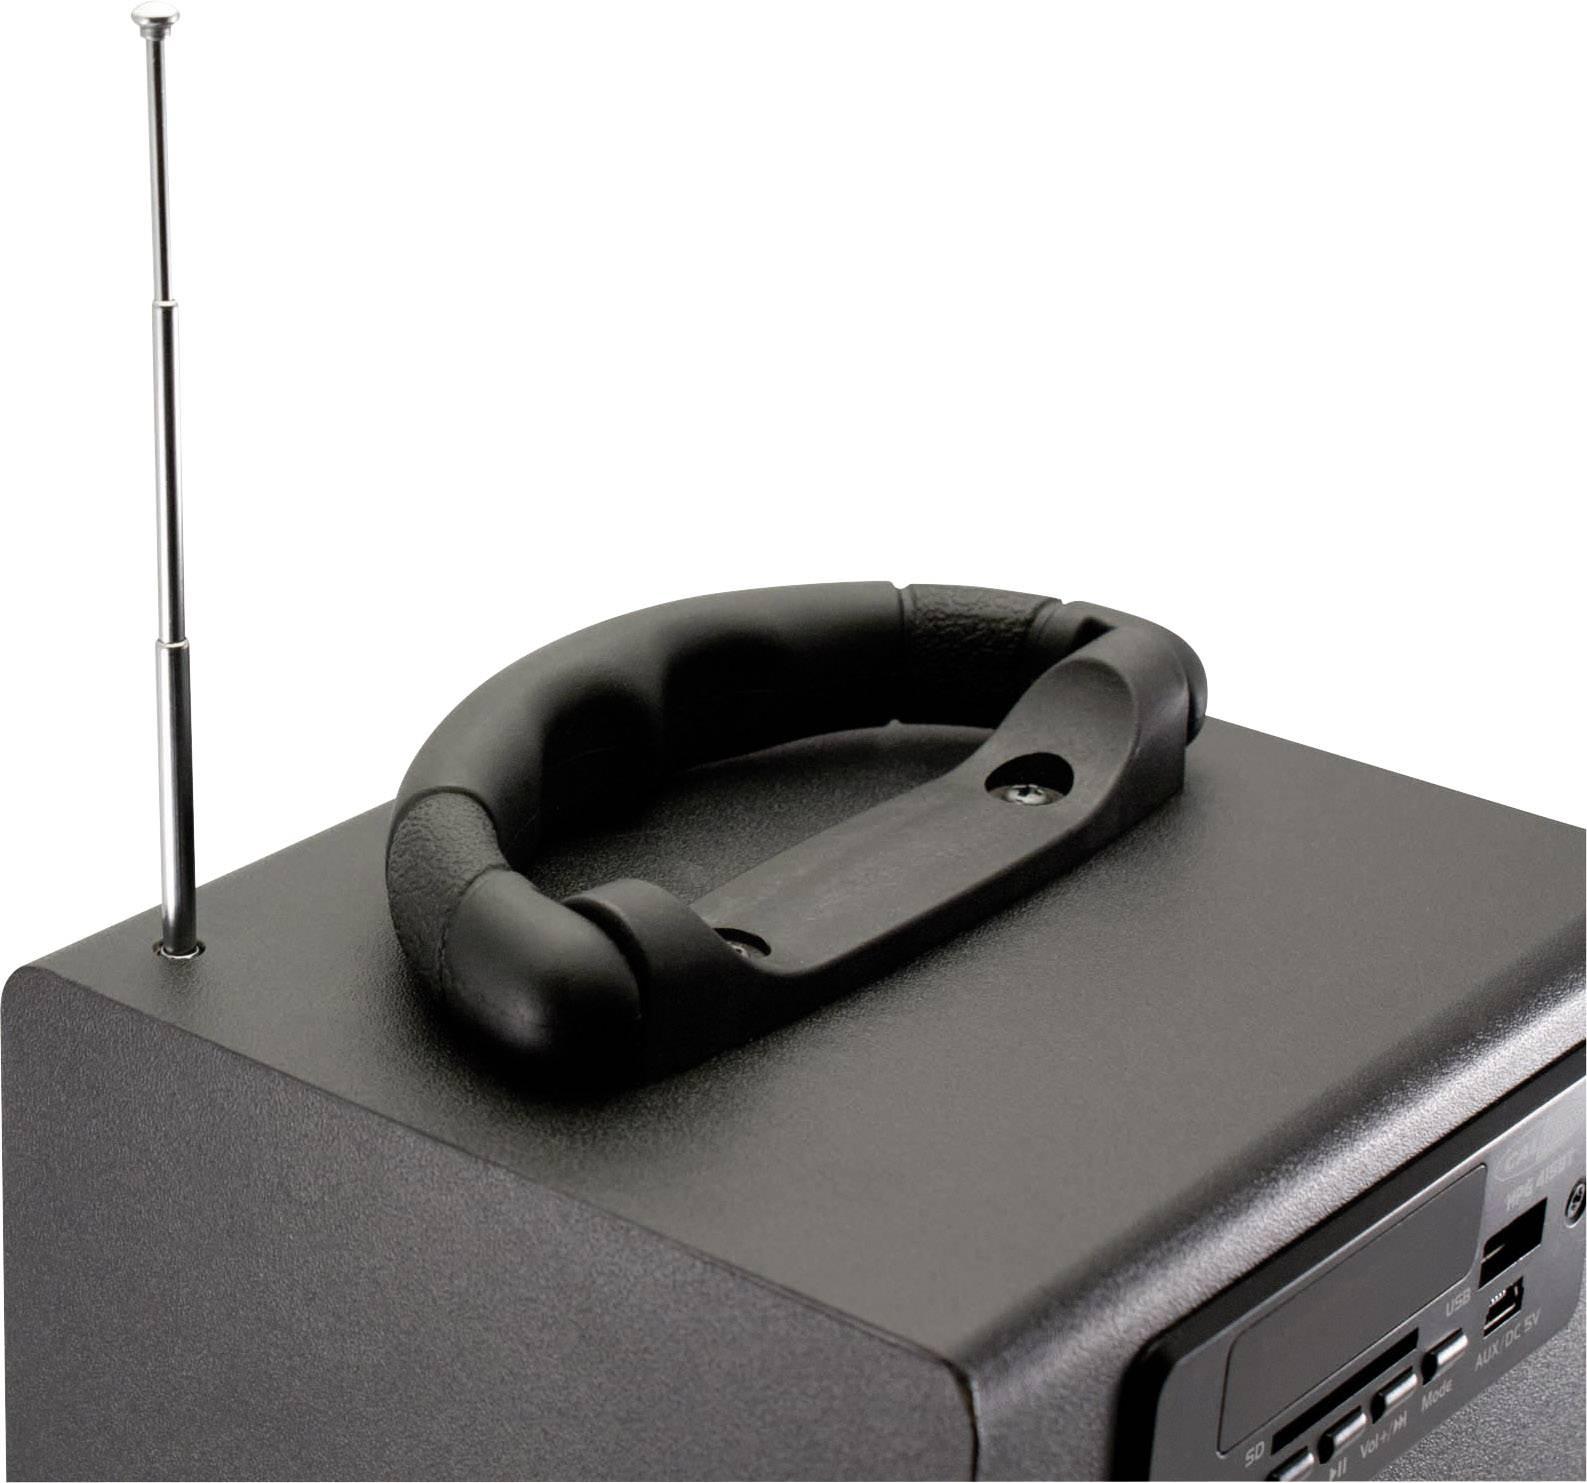 Prenosný bluetooth reproduktor s rádiom, prehráva z USB a pamäťových kariet, diaľkový ovladač, čierna 280 mm